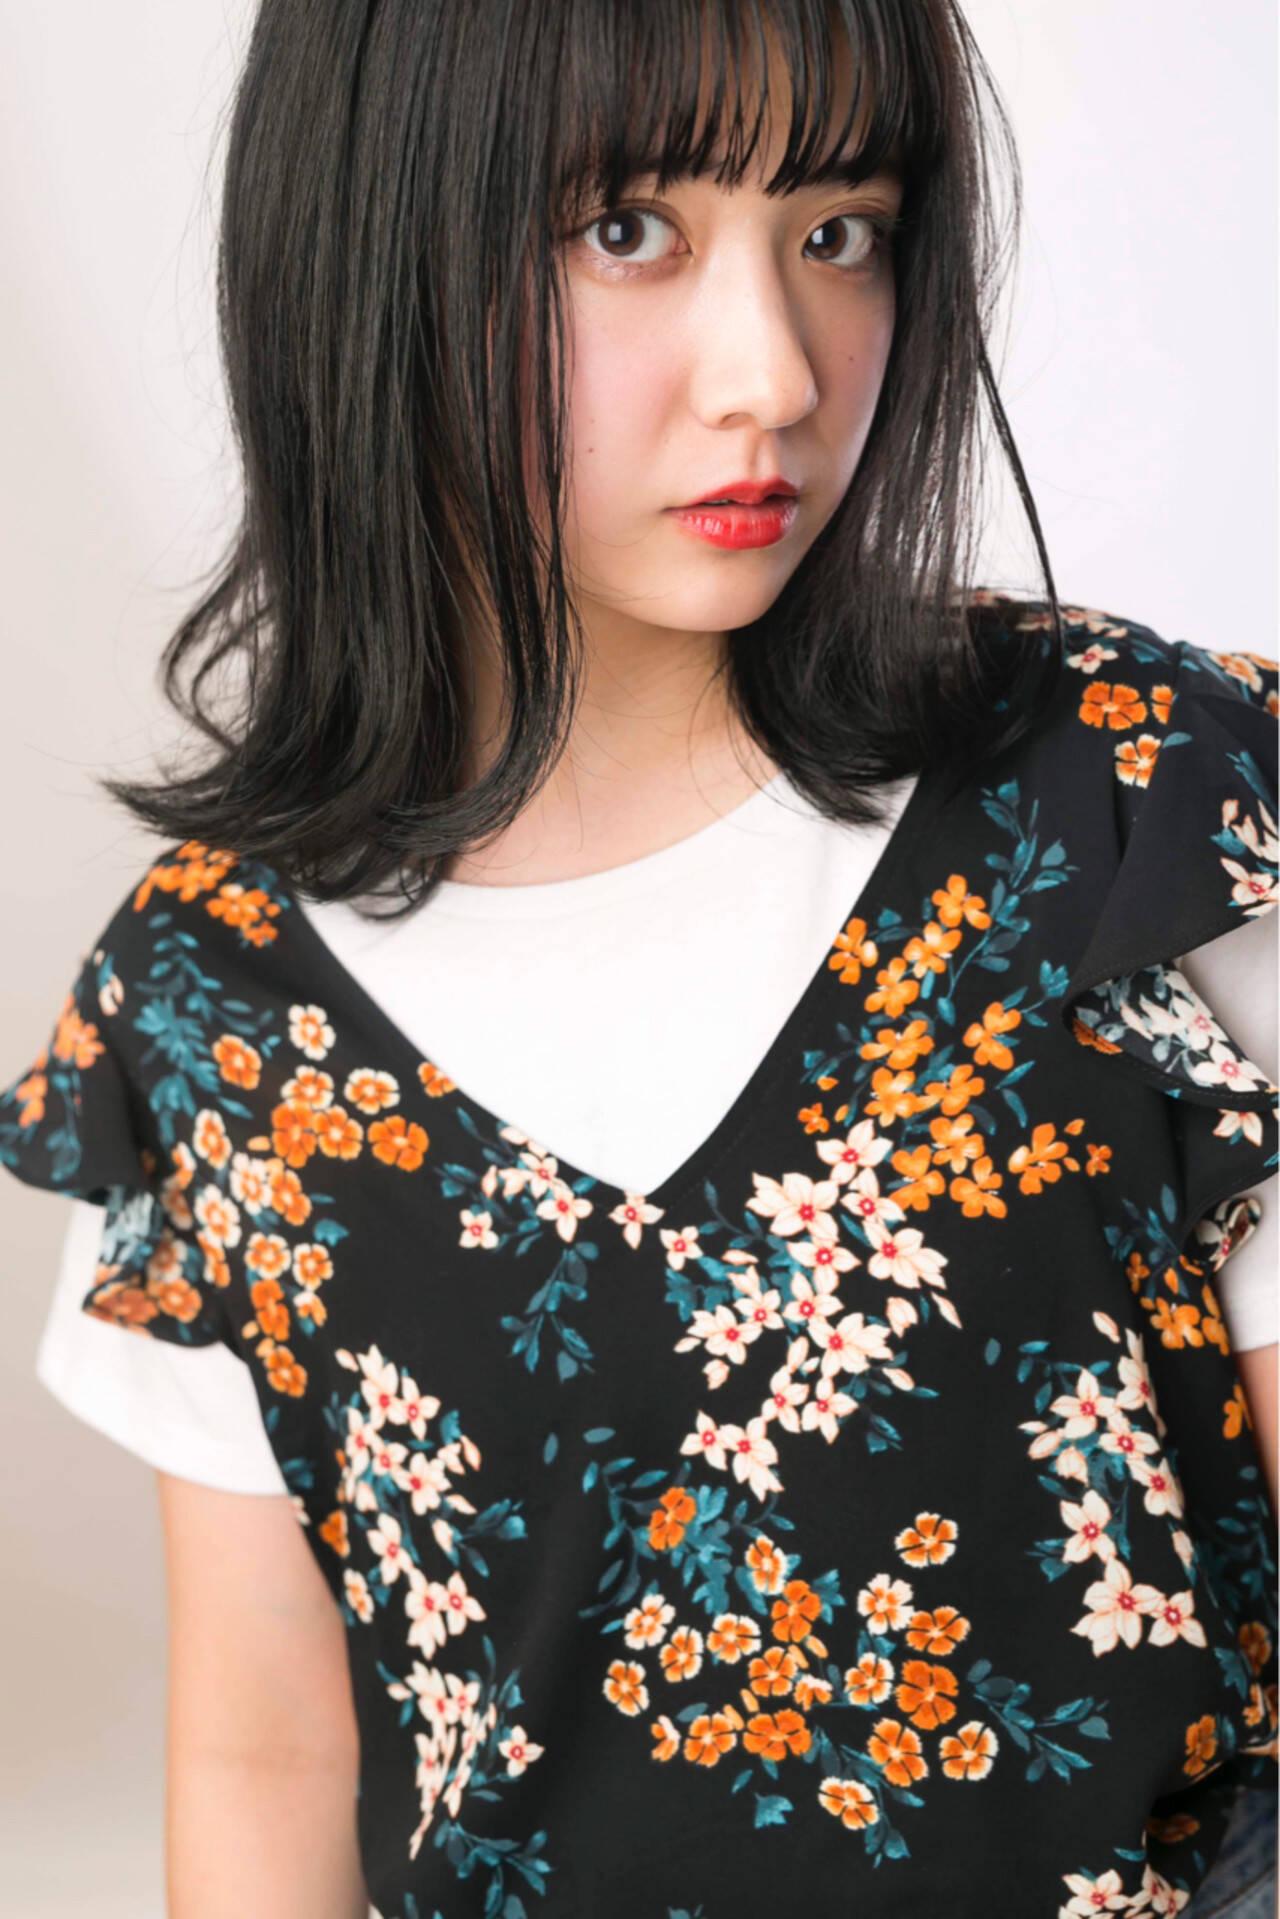 アッシュ 暗髪 透明感 ミディアムヘアスタイルや髪型の写真・画像